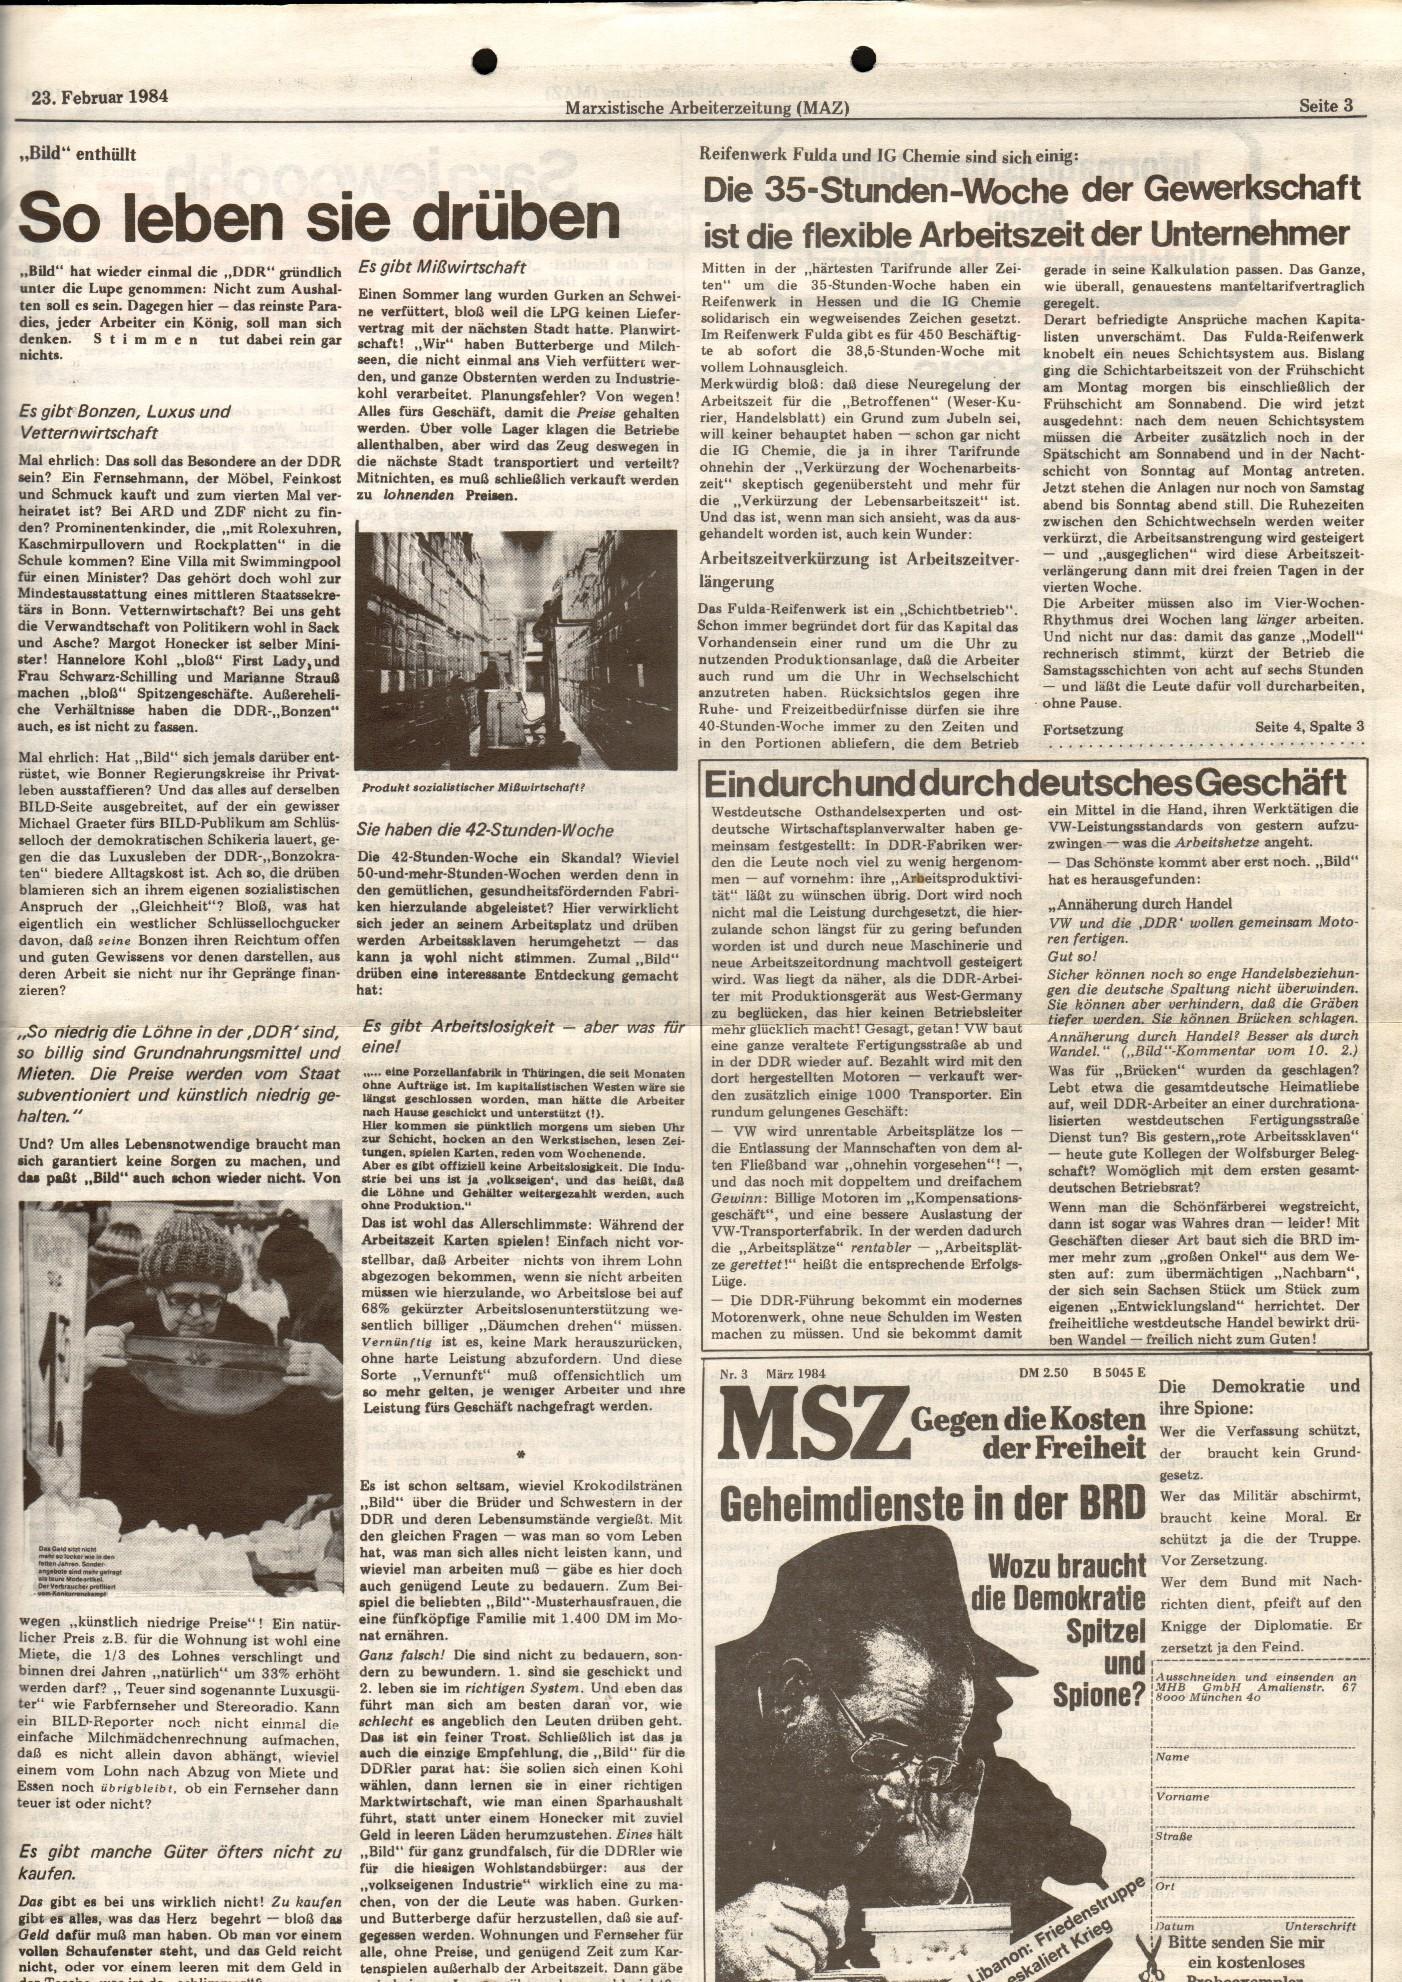 BW_MG_Marxistische_Arbeiterzeitung_19840223_03